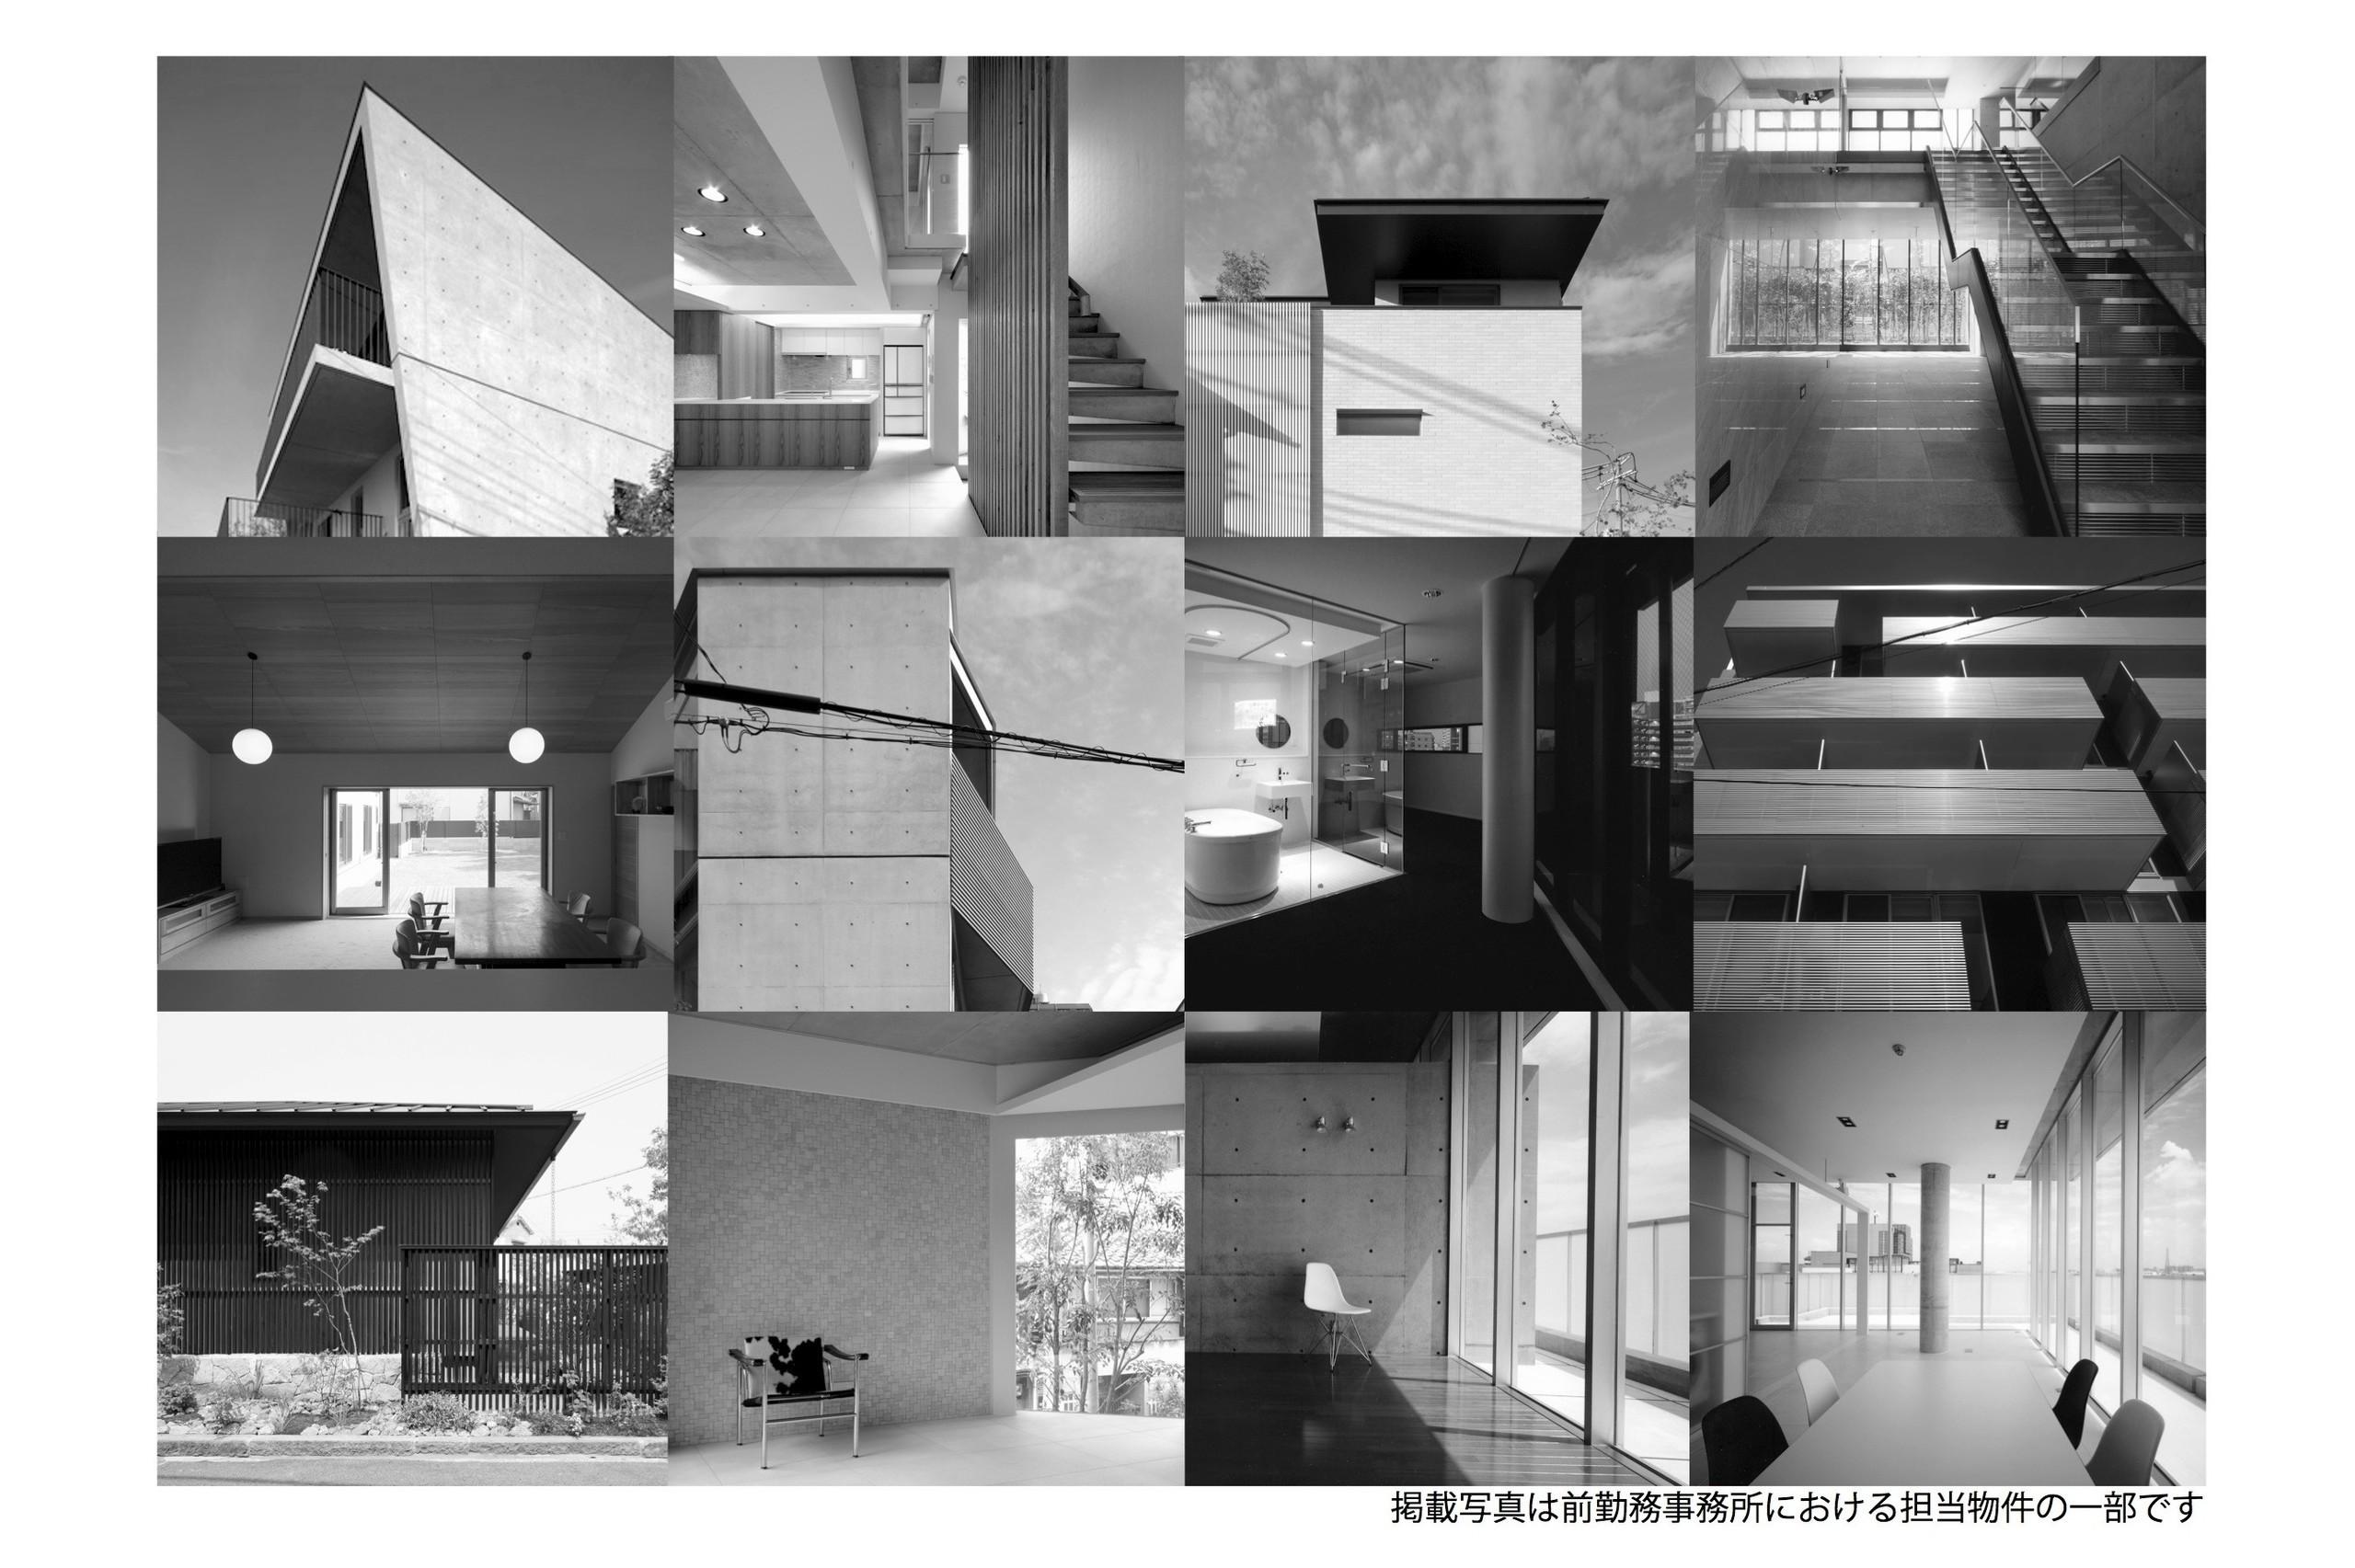 過去の担当物件のご紹介の建築事例写真